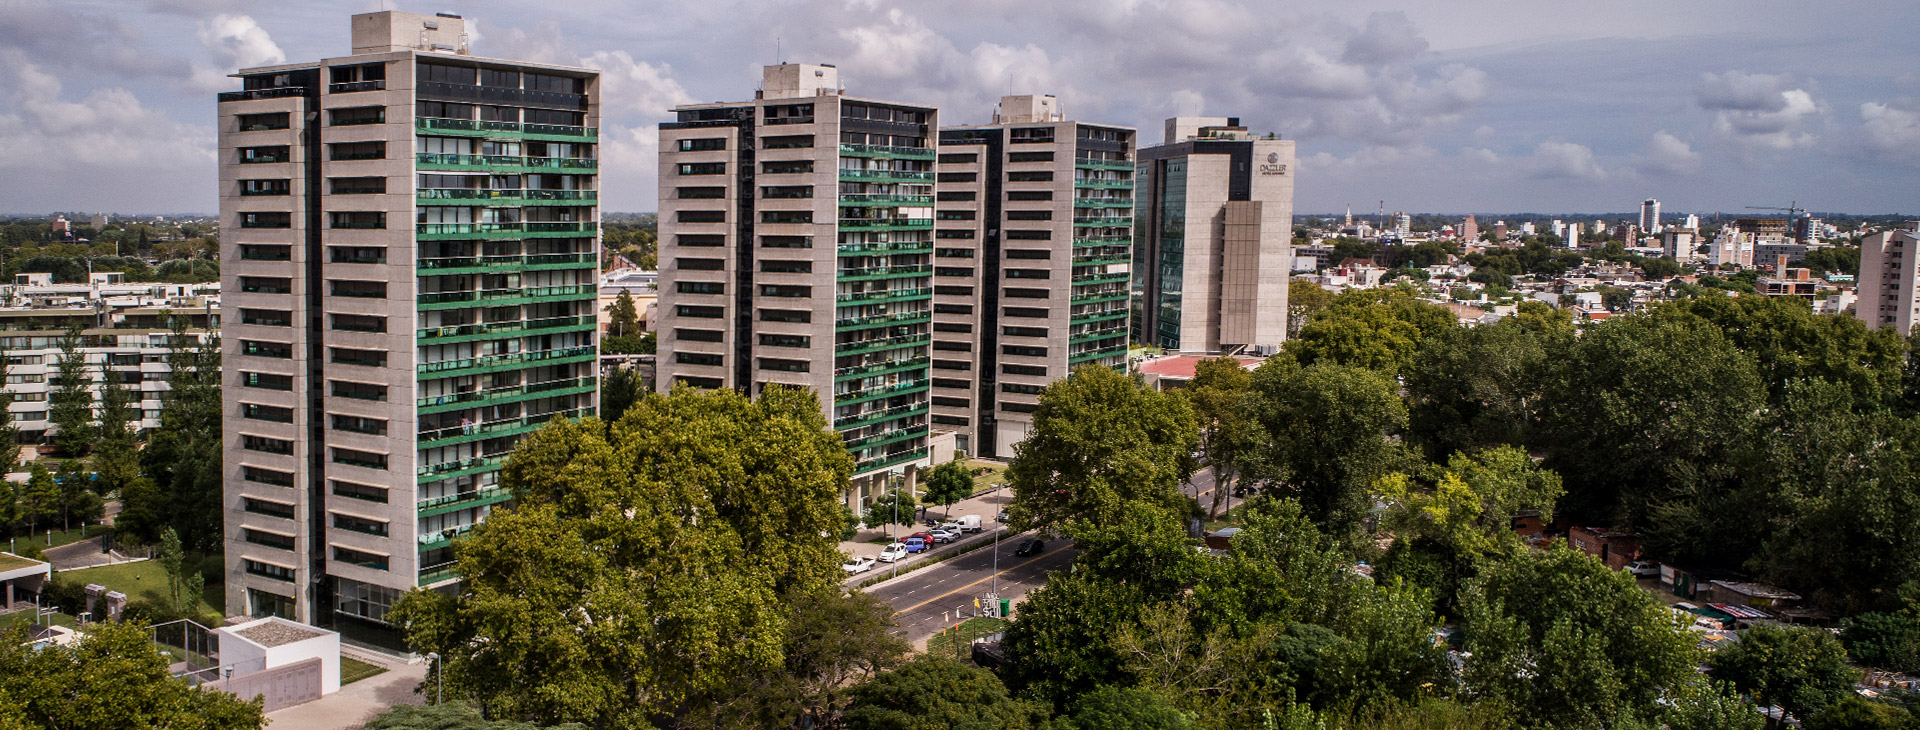 Condominios del Alto 4 - Galeria de fotos